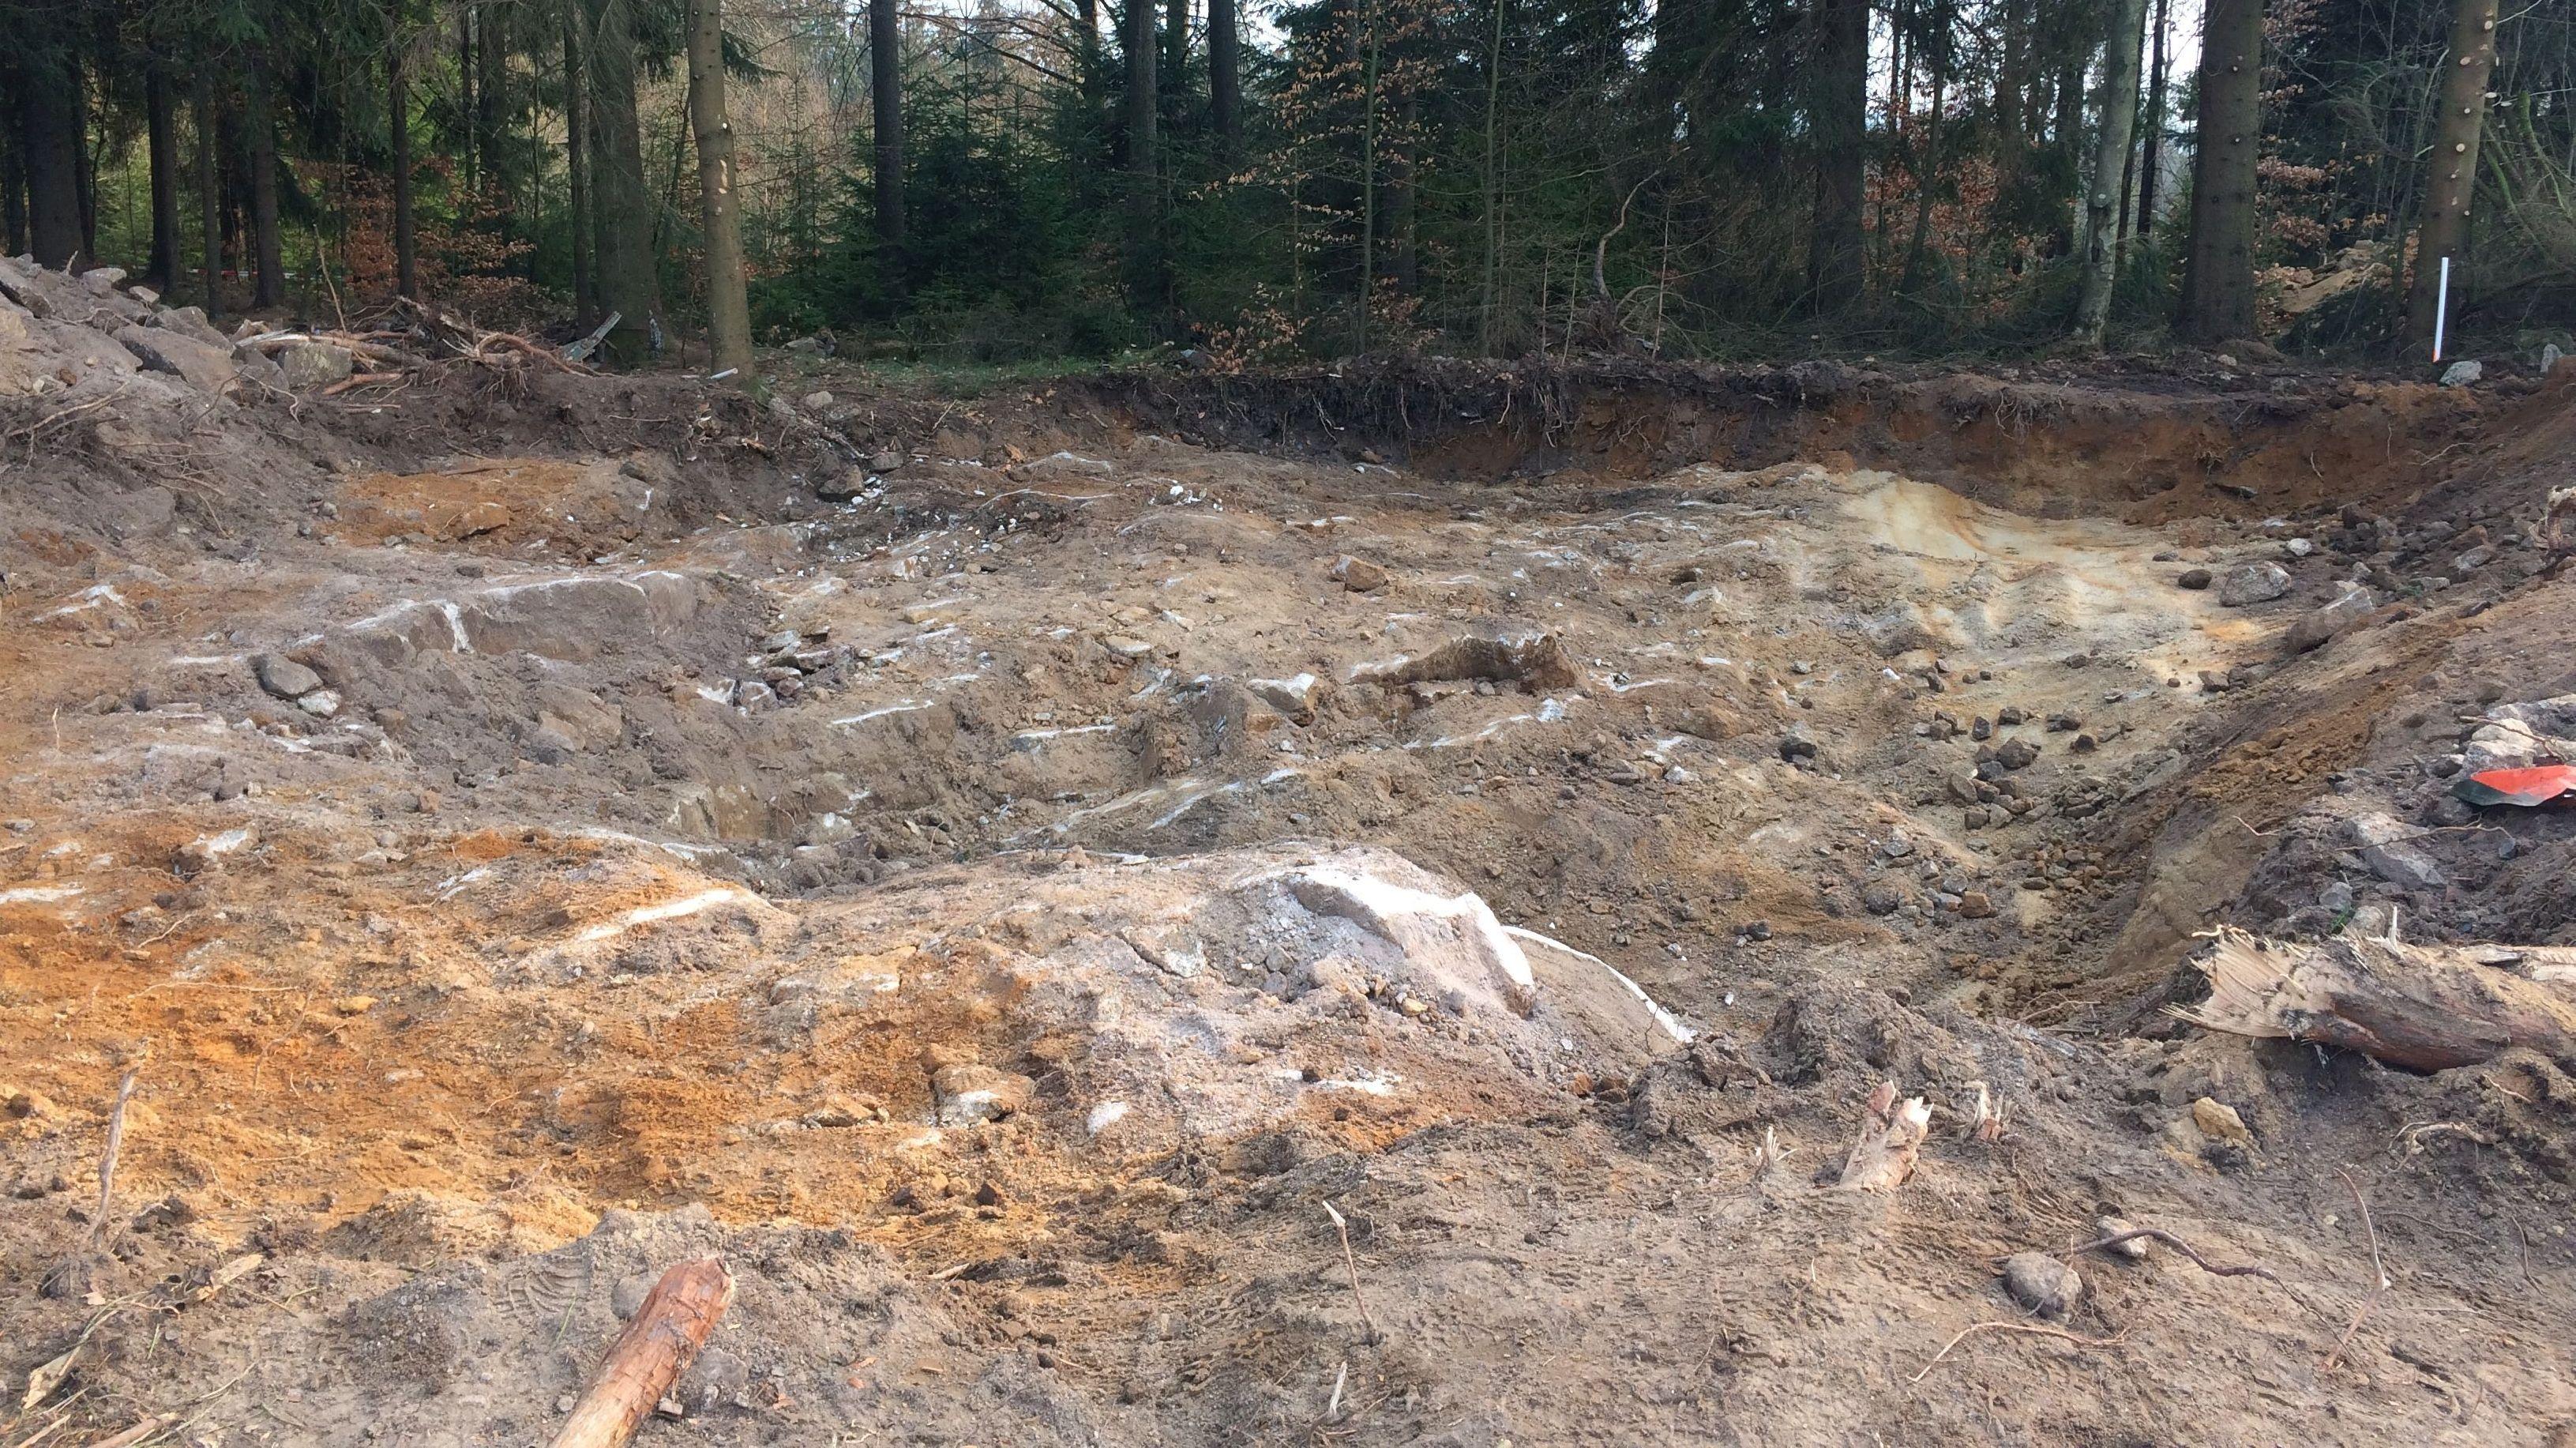 Das Grabungsareal im Wald bei Waldkirch nach dem Ende der Arbeiten